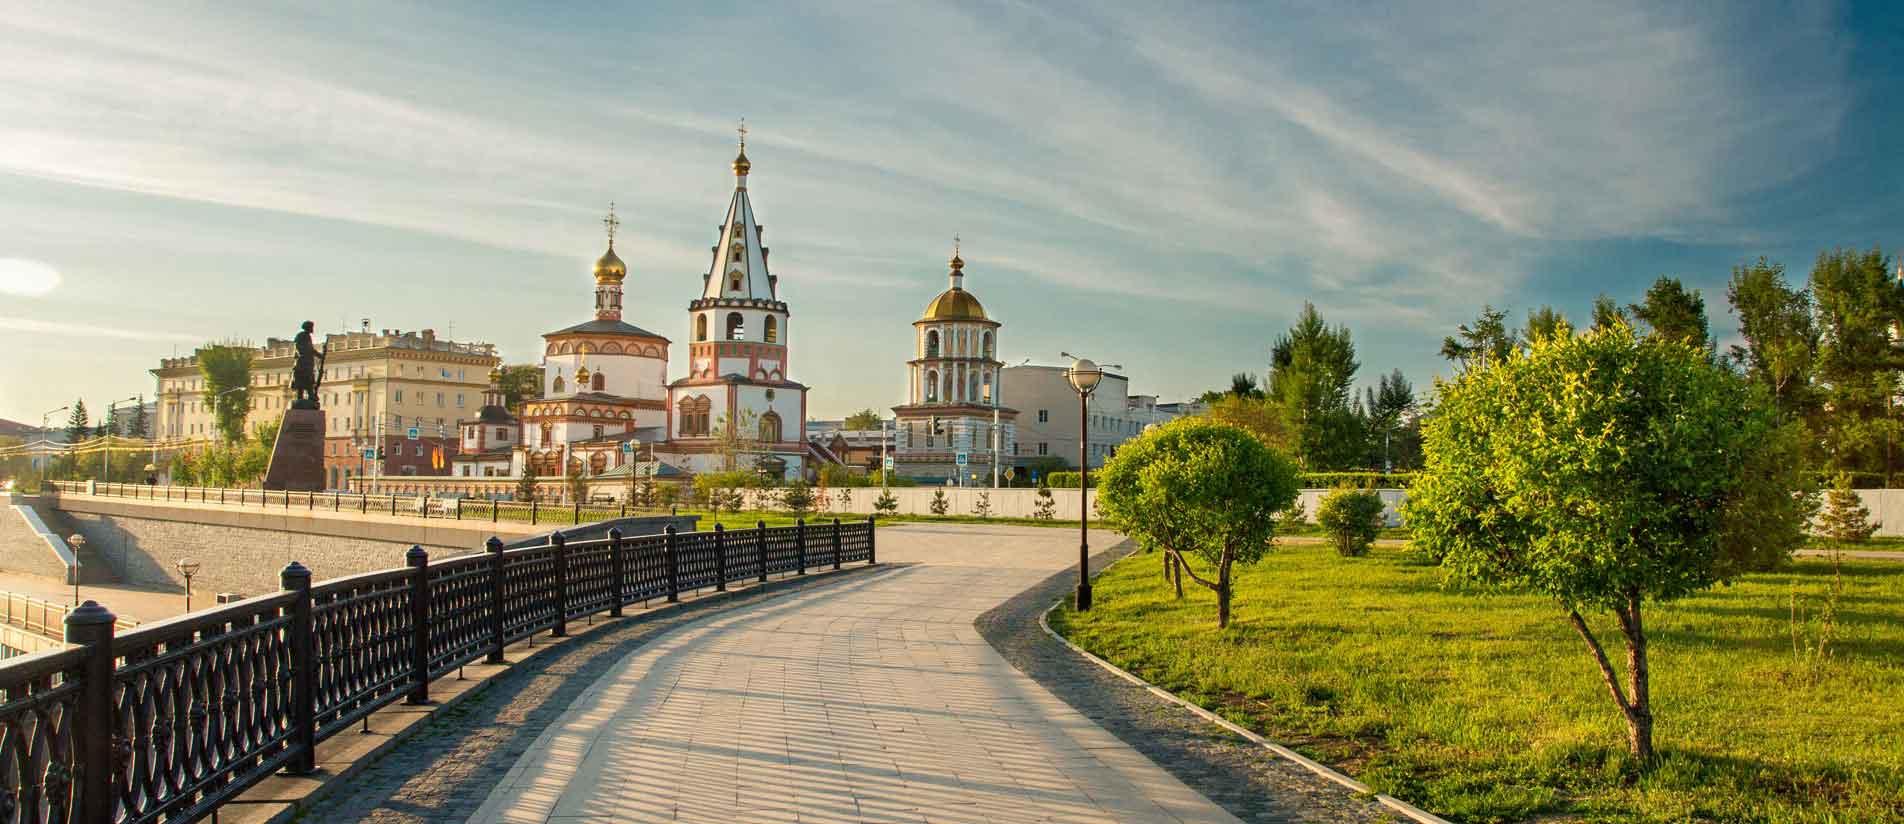 Продажа биноклей с доставкой в Иркутск: достопримечательности города